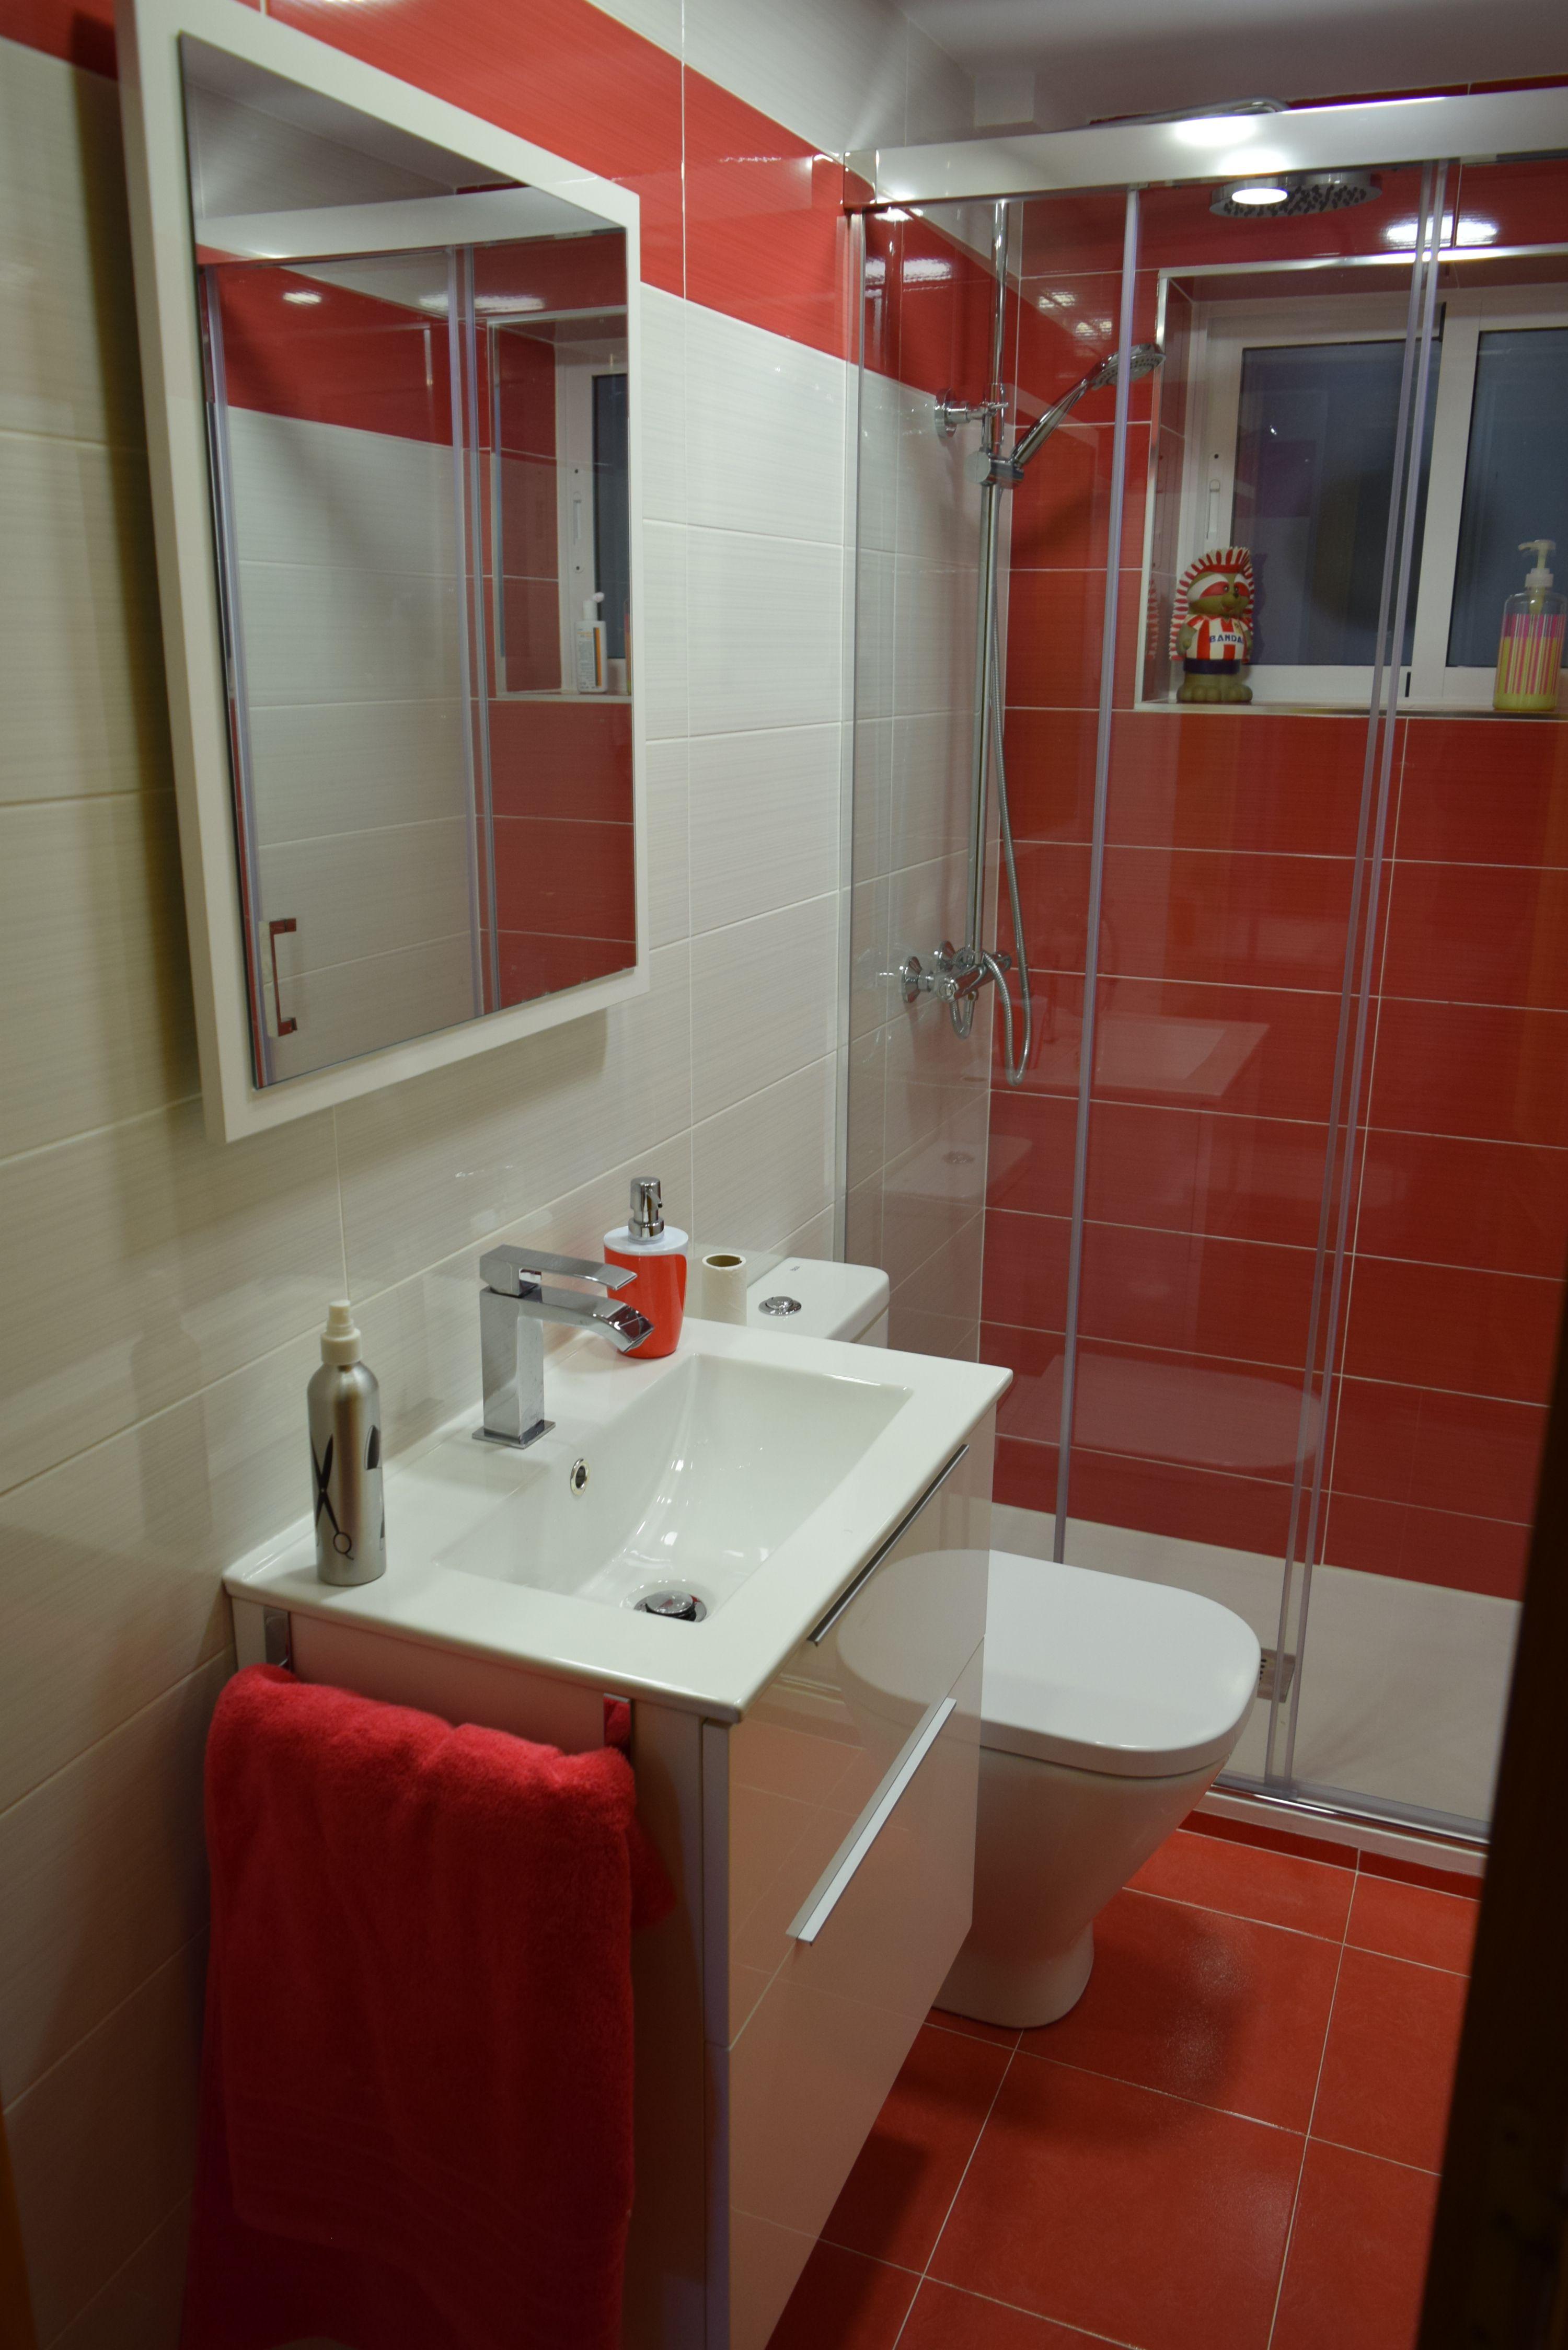 Reformabaño Por Nahargres Con Azulejos De Apegrupo El Color Rojo Simboliza La Vit Planos De Baños Pequeños Muebles Para Baños Pequeños Cuarto De Baño Rojo